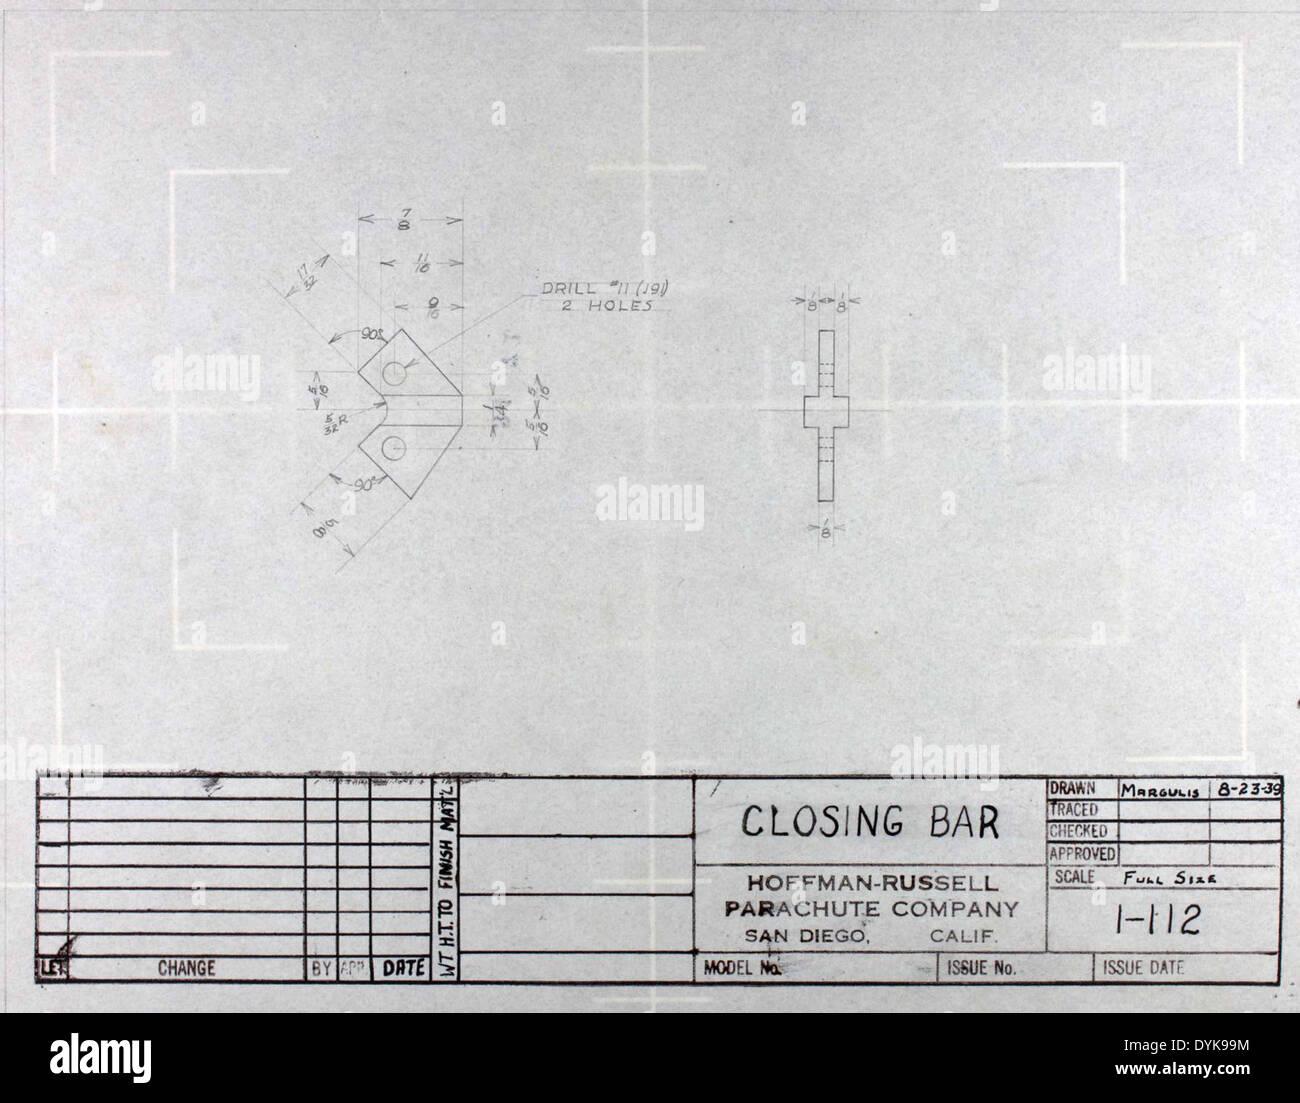 Beste Bauplan Für Eine Bar Ideen - Images for inspirierende Ideen ...